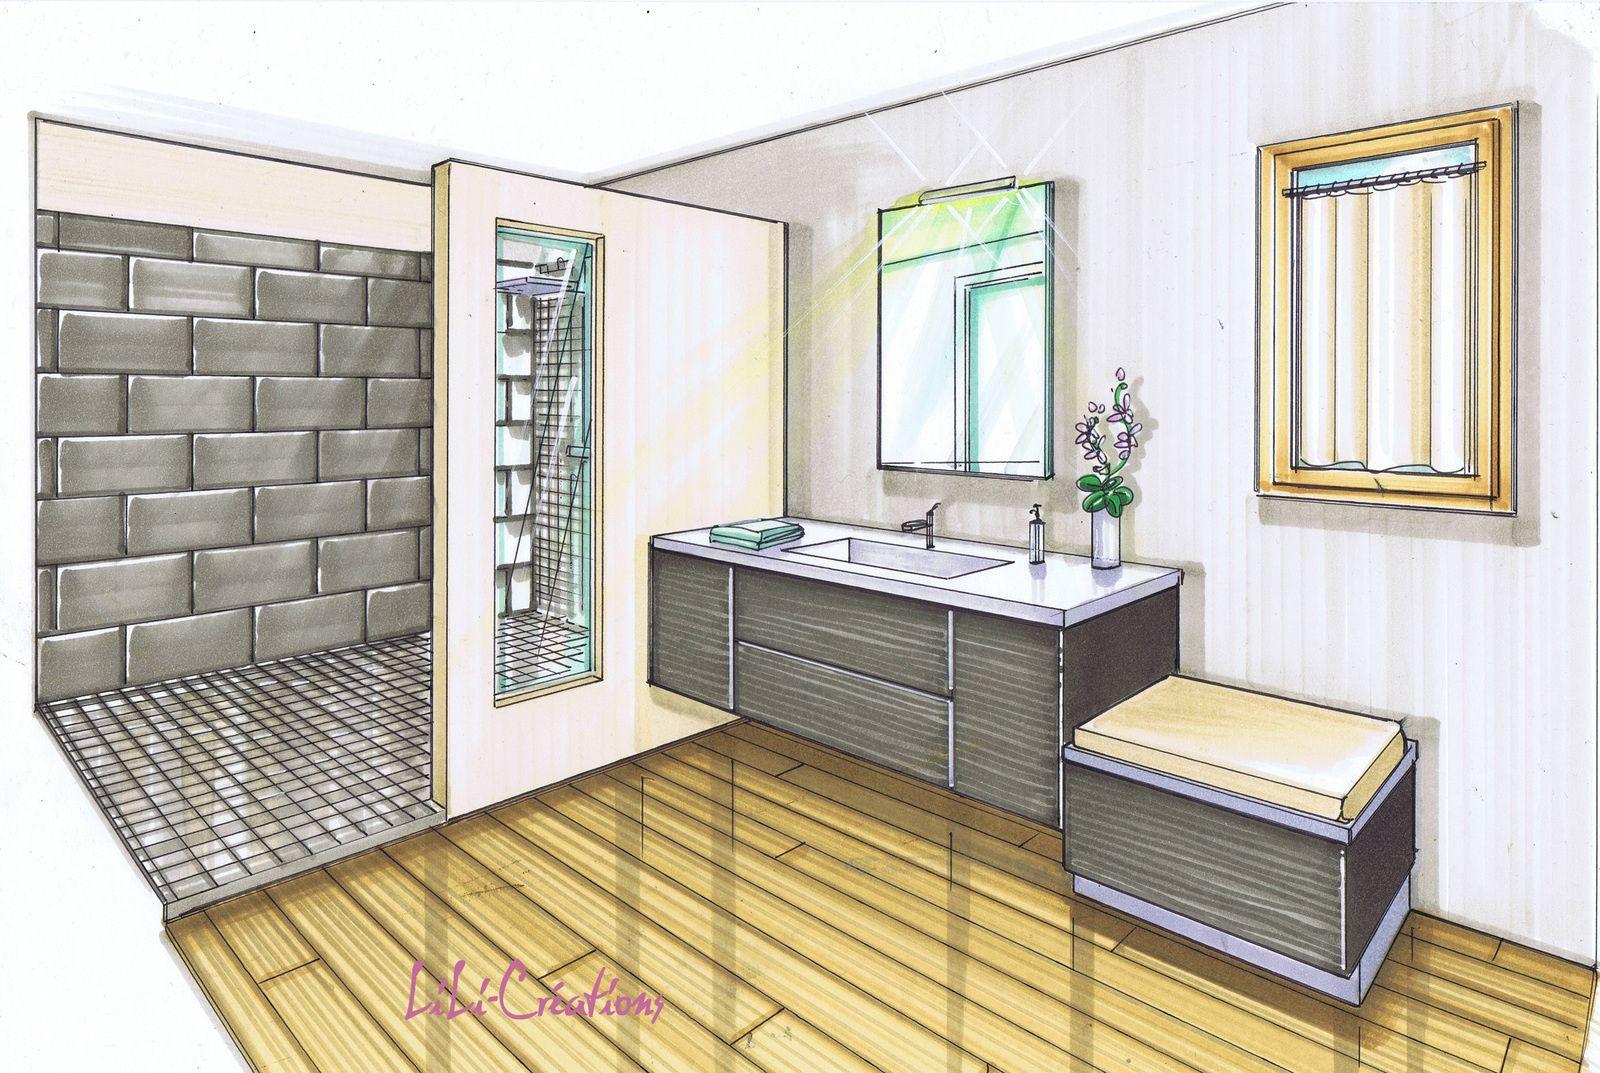 dessins d\'interieur de maisons en perspective | TECHNIQUE DE DESSIN ...